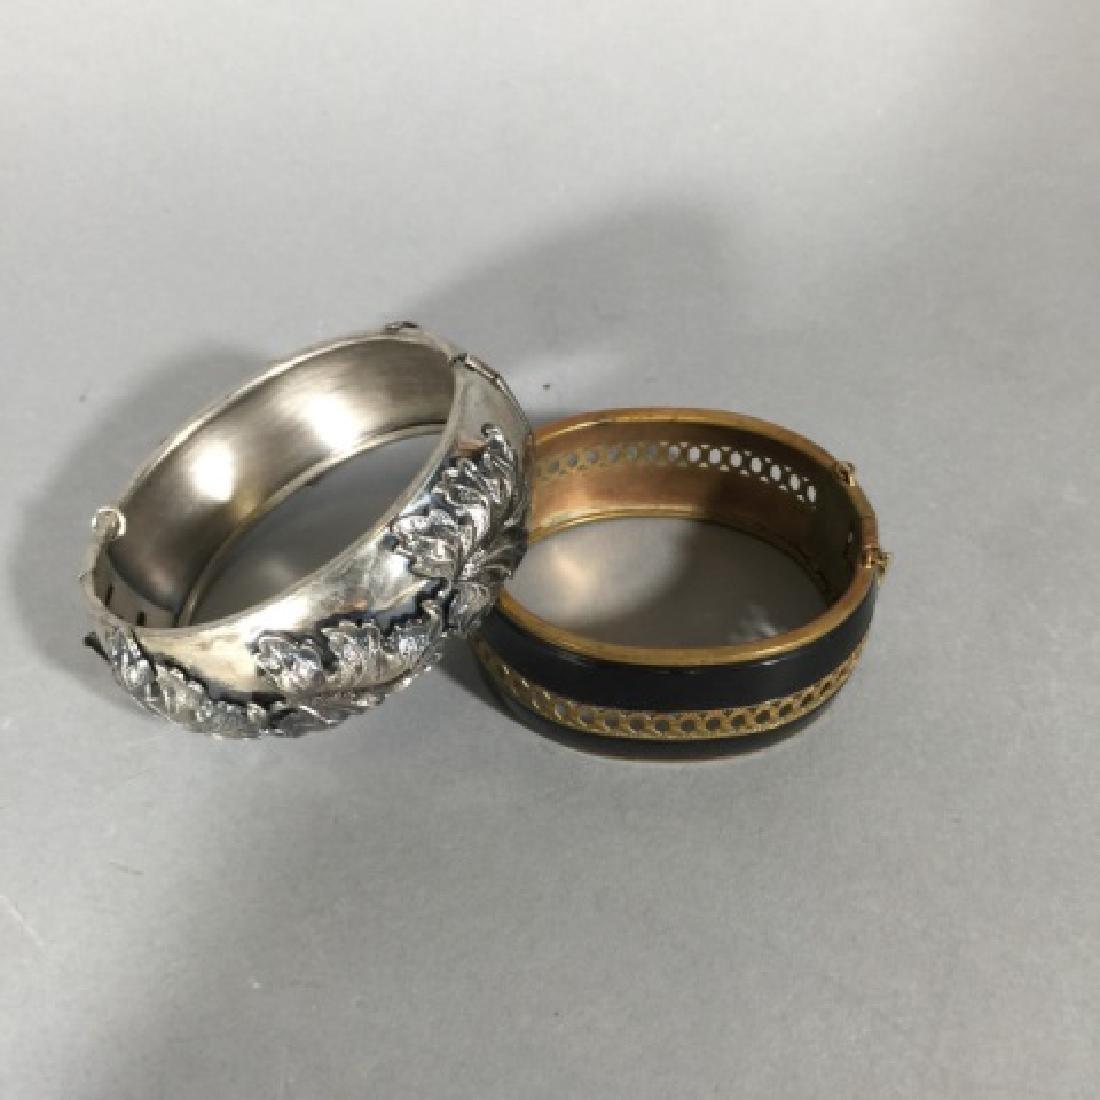 Two Estate / Vintage Hinged Bangle Bracelets - 2